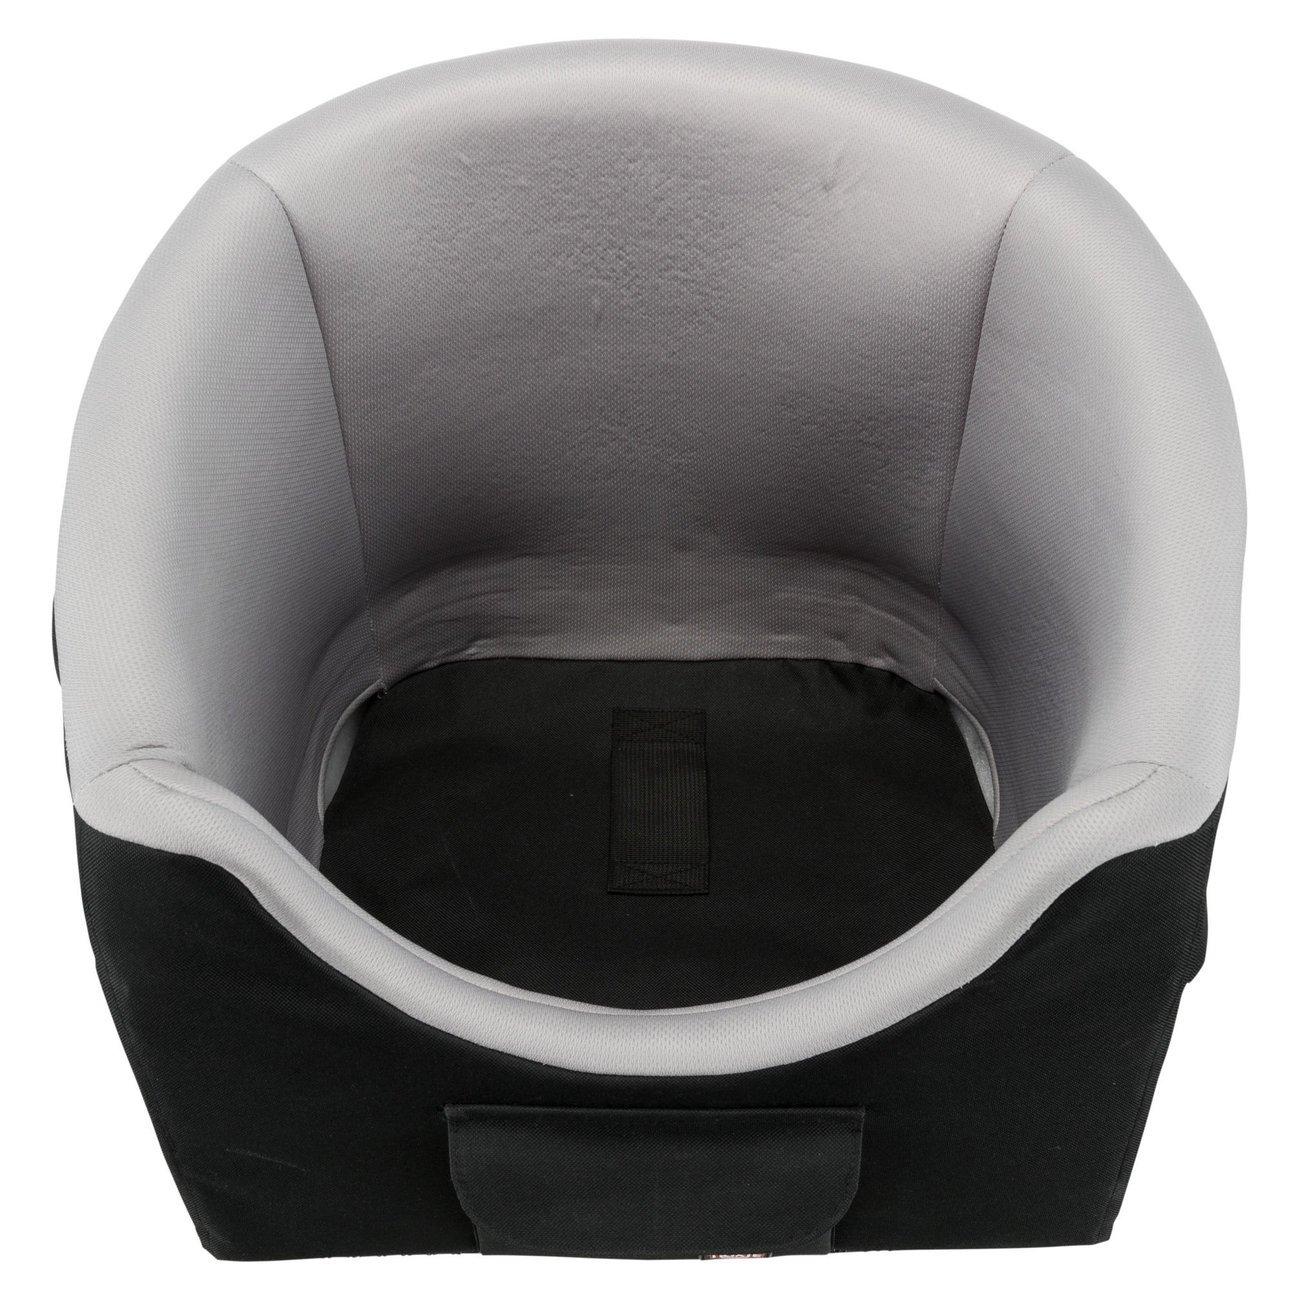 TRIXIE Autositz für kleine Hunde bis 8 kg 13176, Bild 6